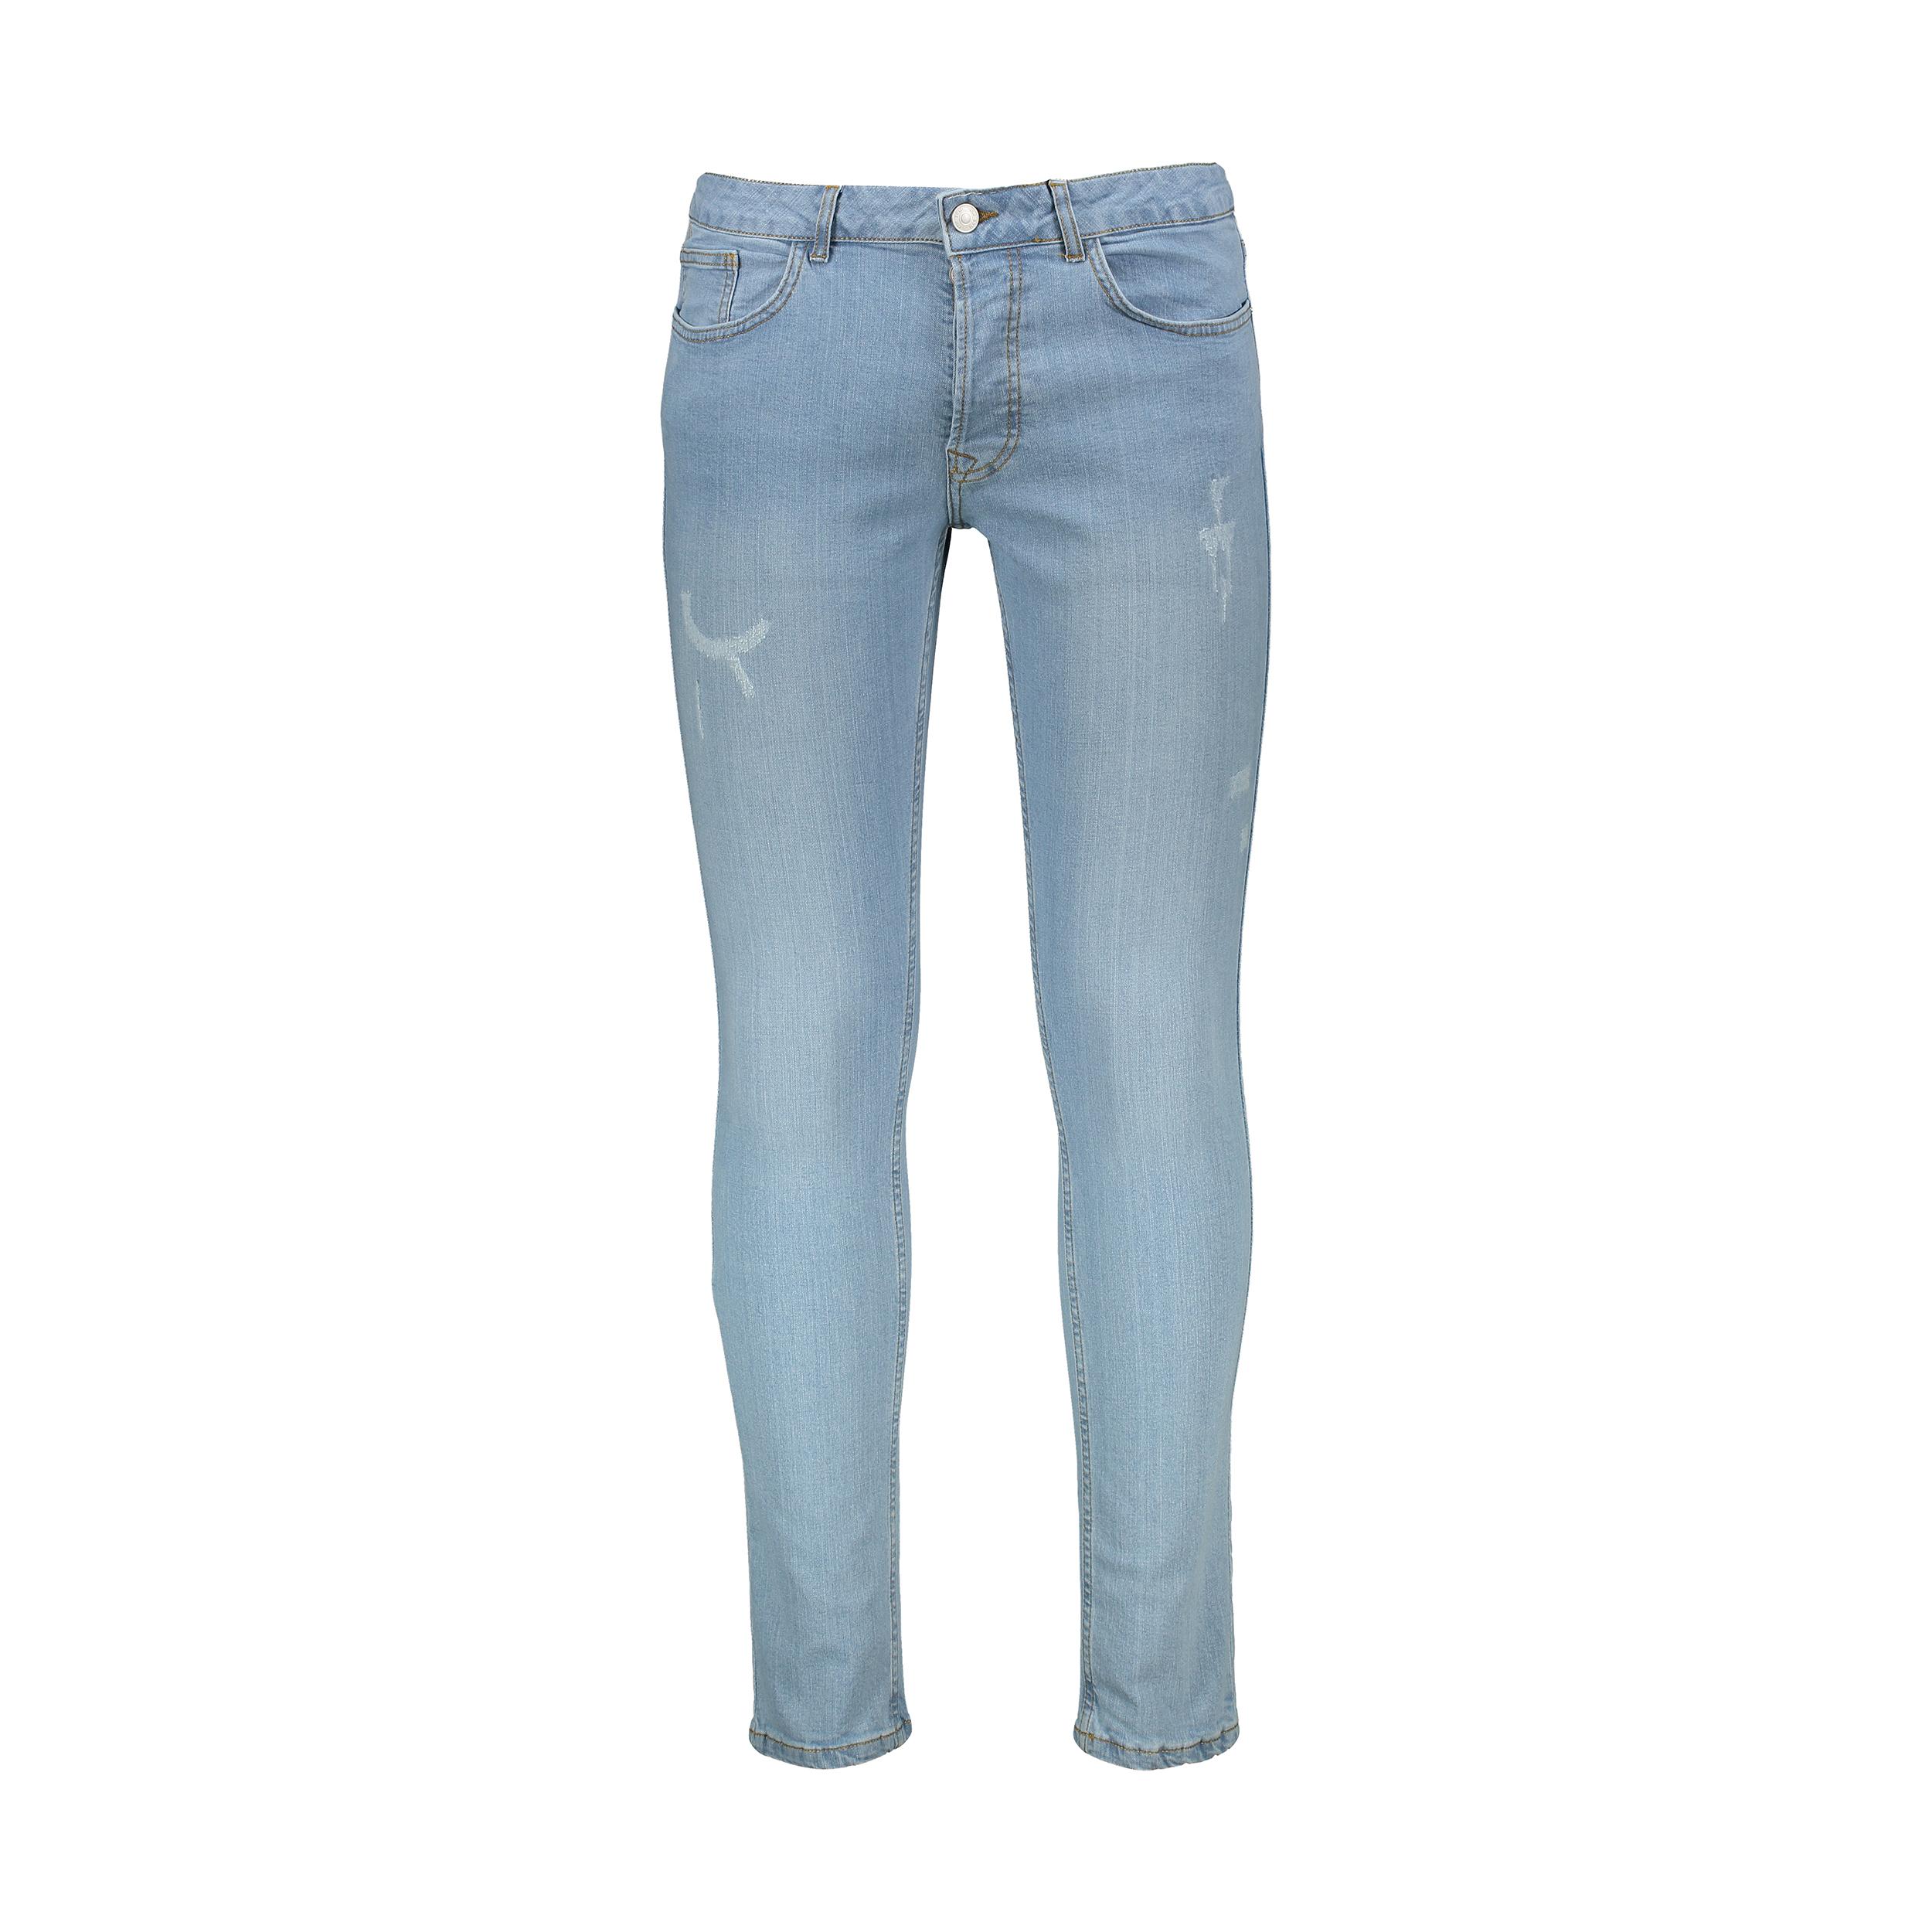 شلوار جین مردانه آر ان اس مدل 1133027-50